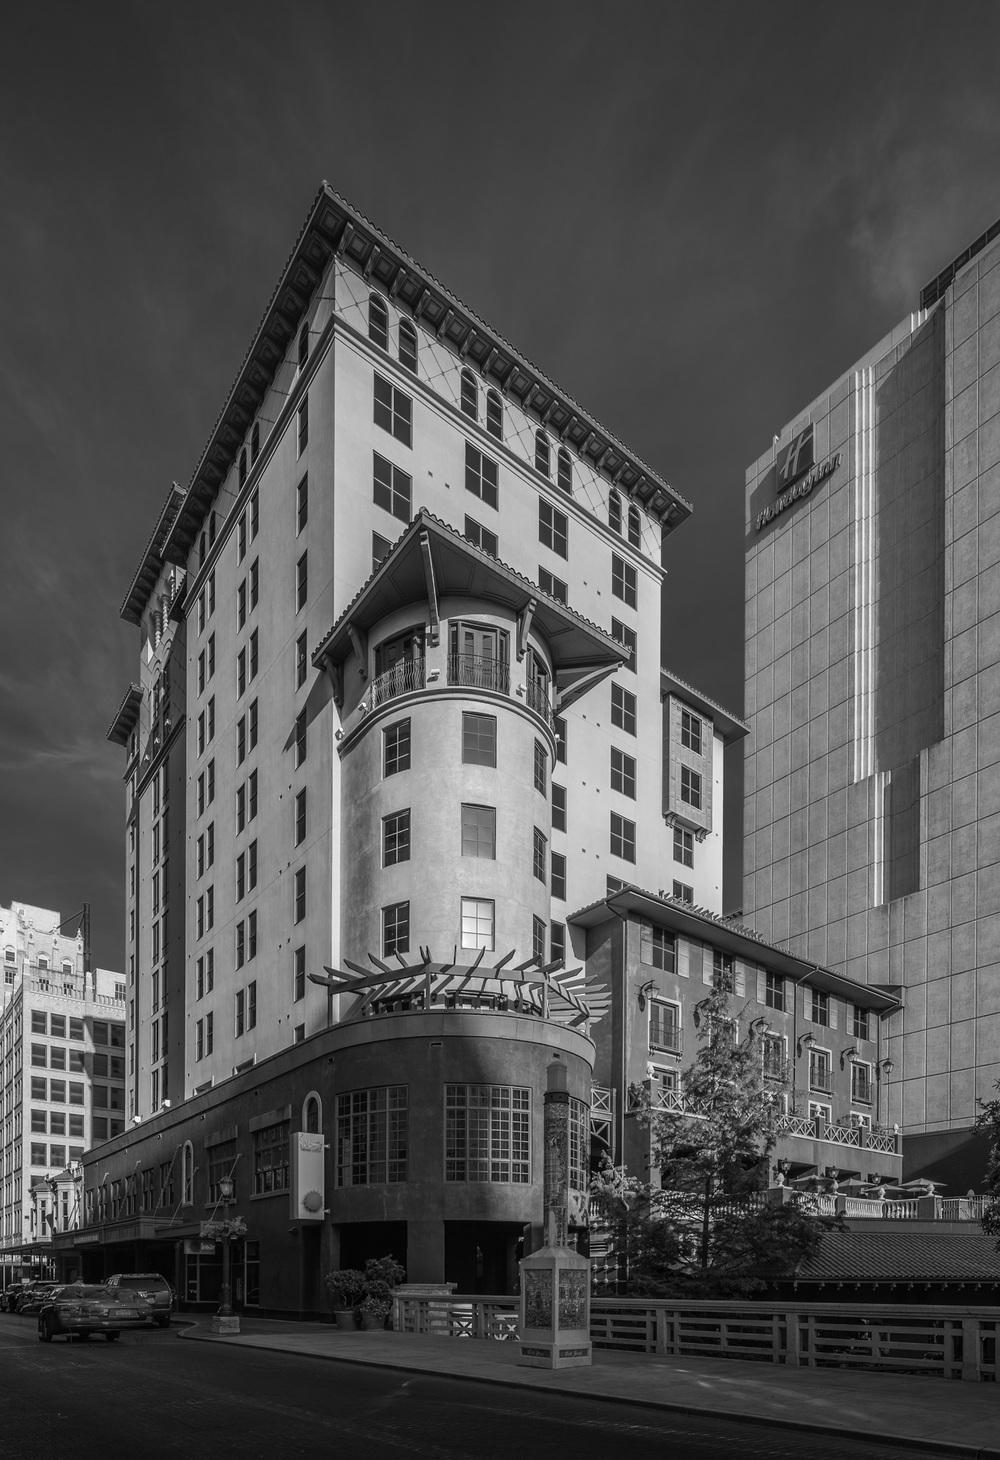 Hotel Valencia - B/W